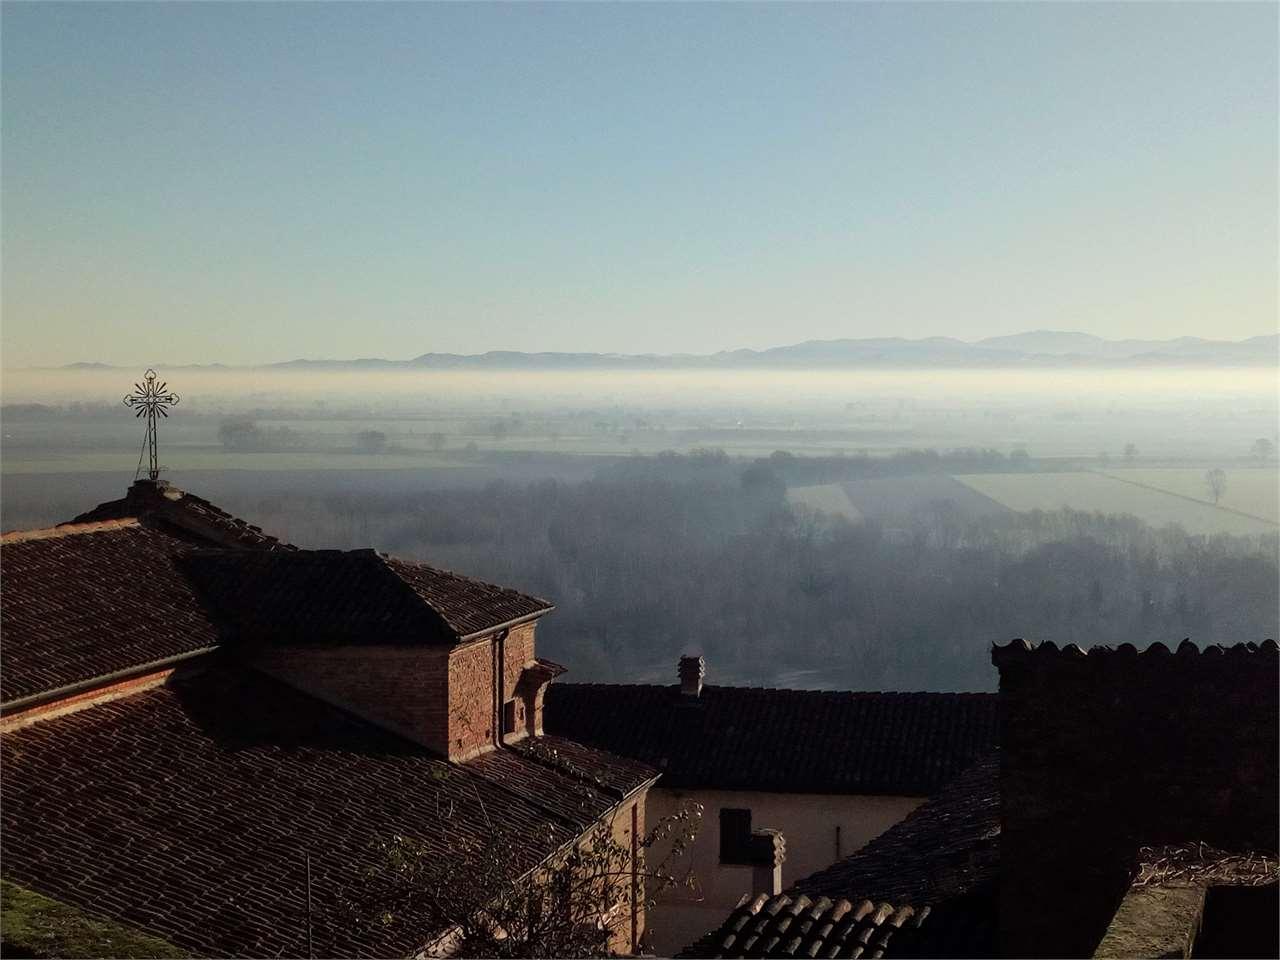 Appartamento in vendita a Montecastello, 6 locali, prezzo € 20.000 | PortaleAgenzieImmobiliari.it